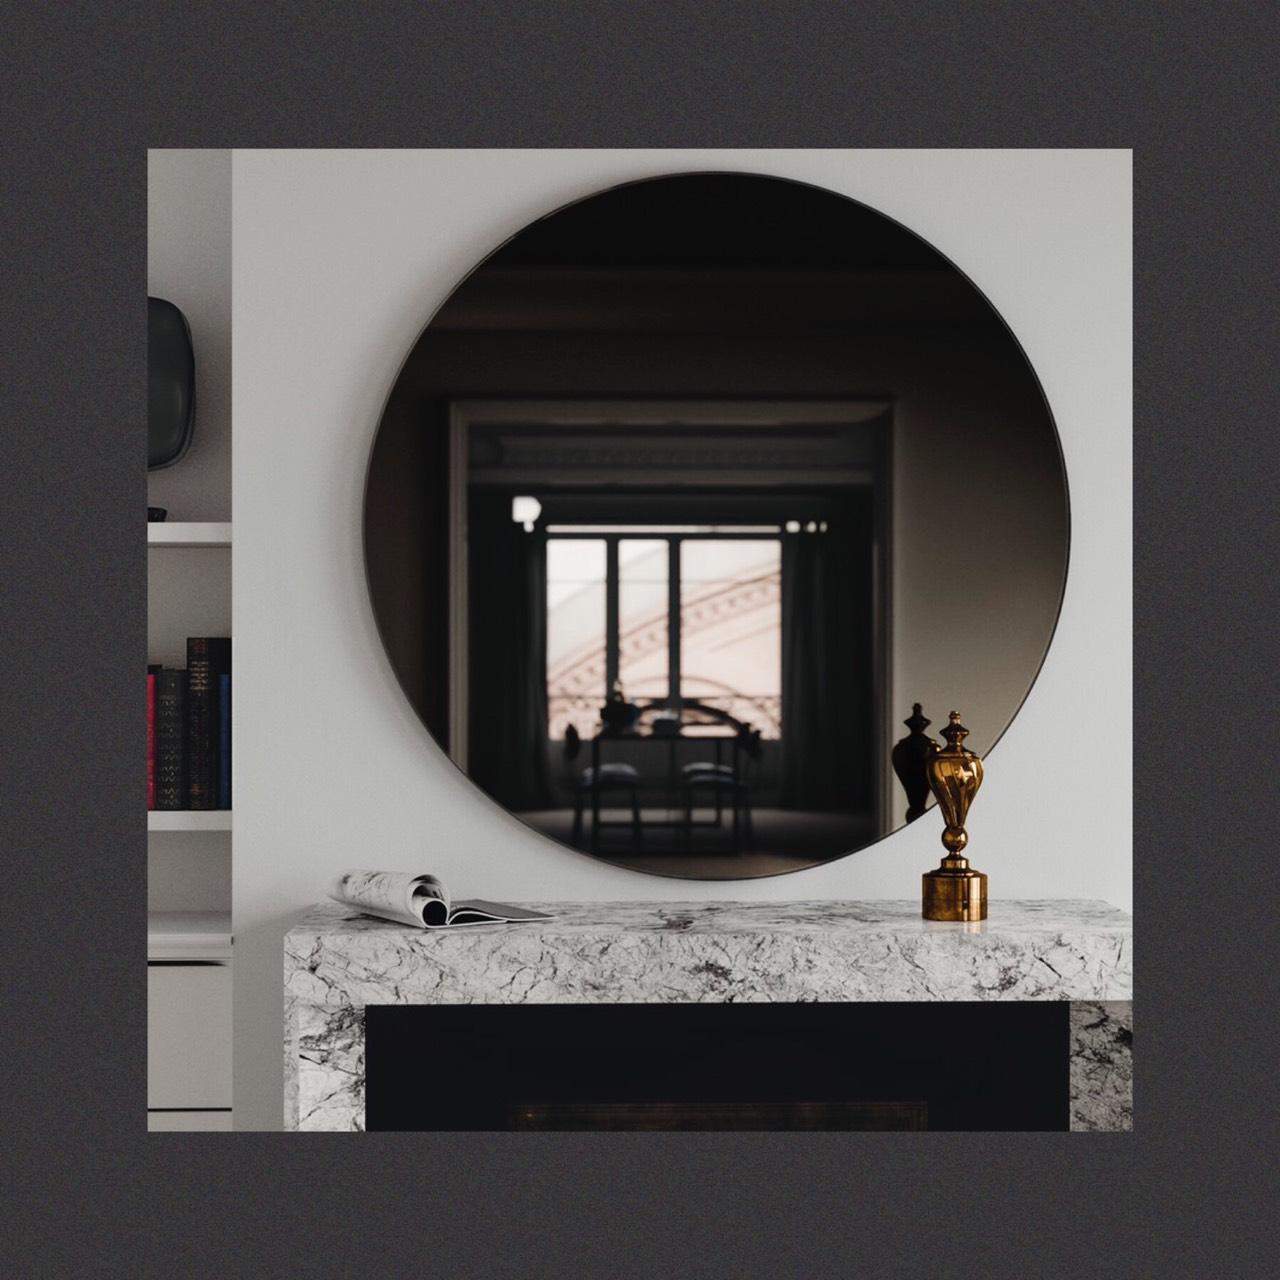 กระจกเงาสีดำ Black Mirror